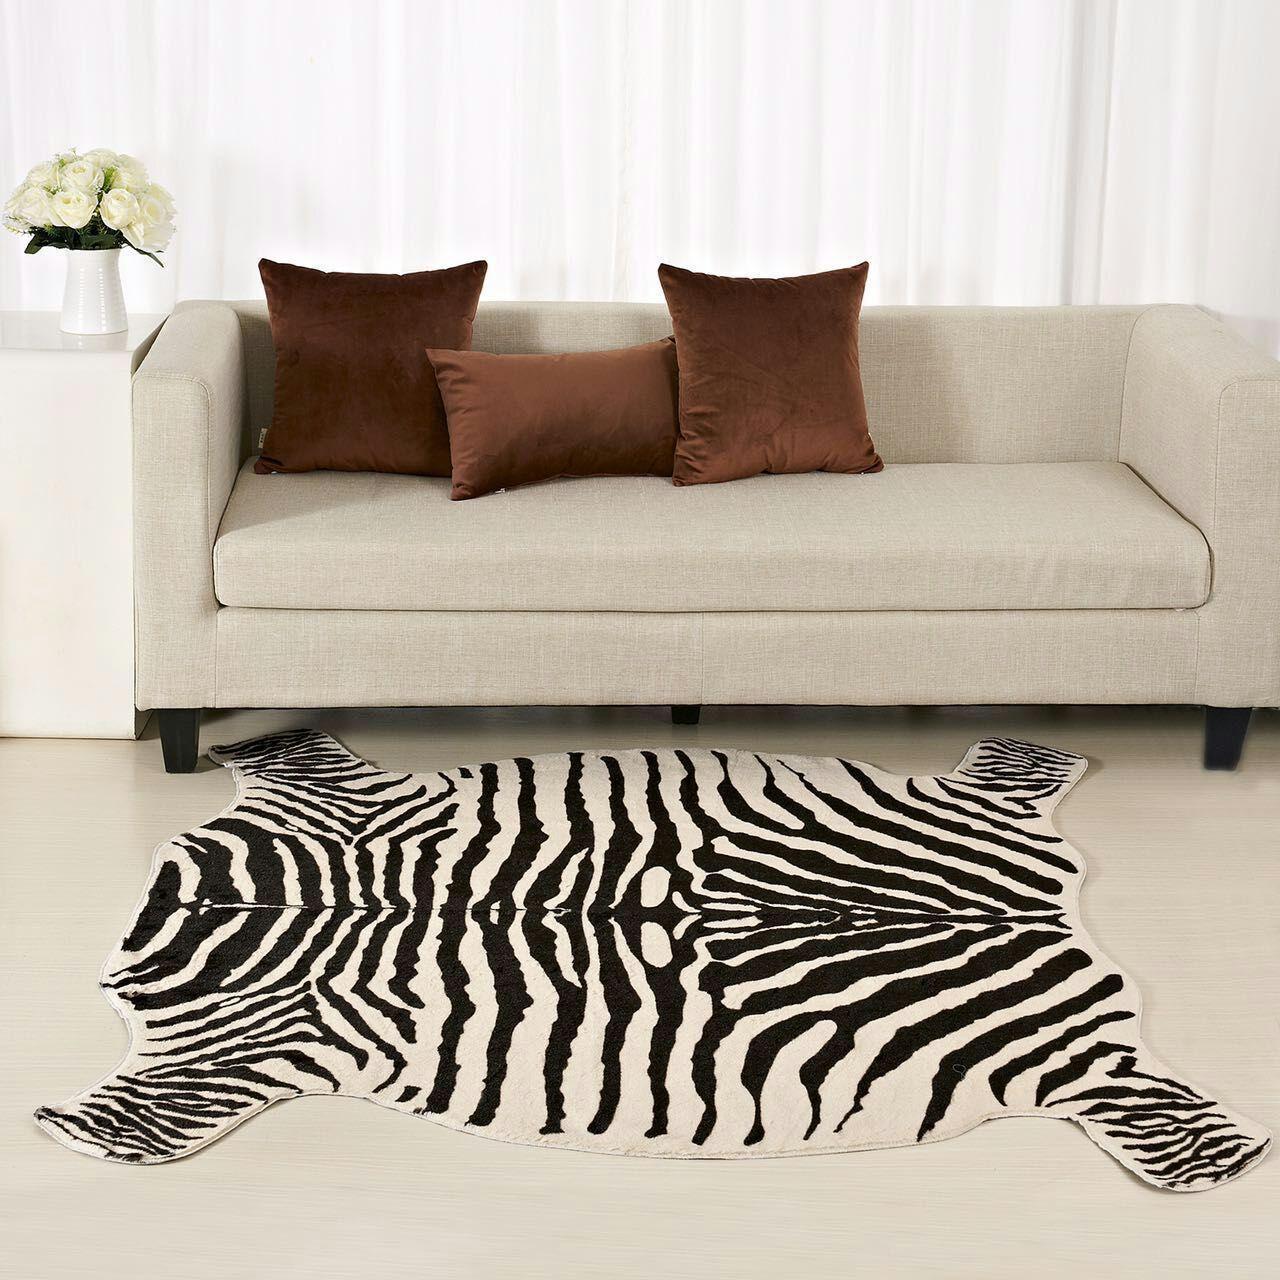 zebravaca impresa alfombra alfombras de cuero de imitacin de terciopelo pv pieles de animales